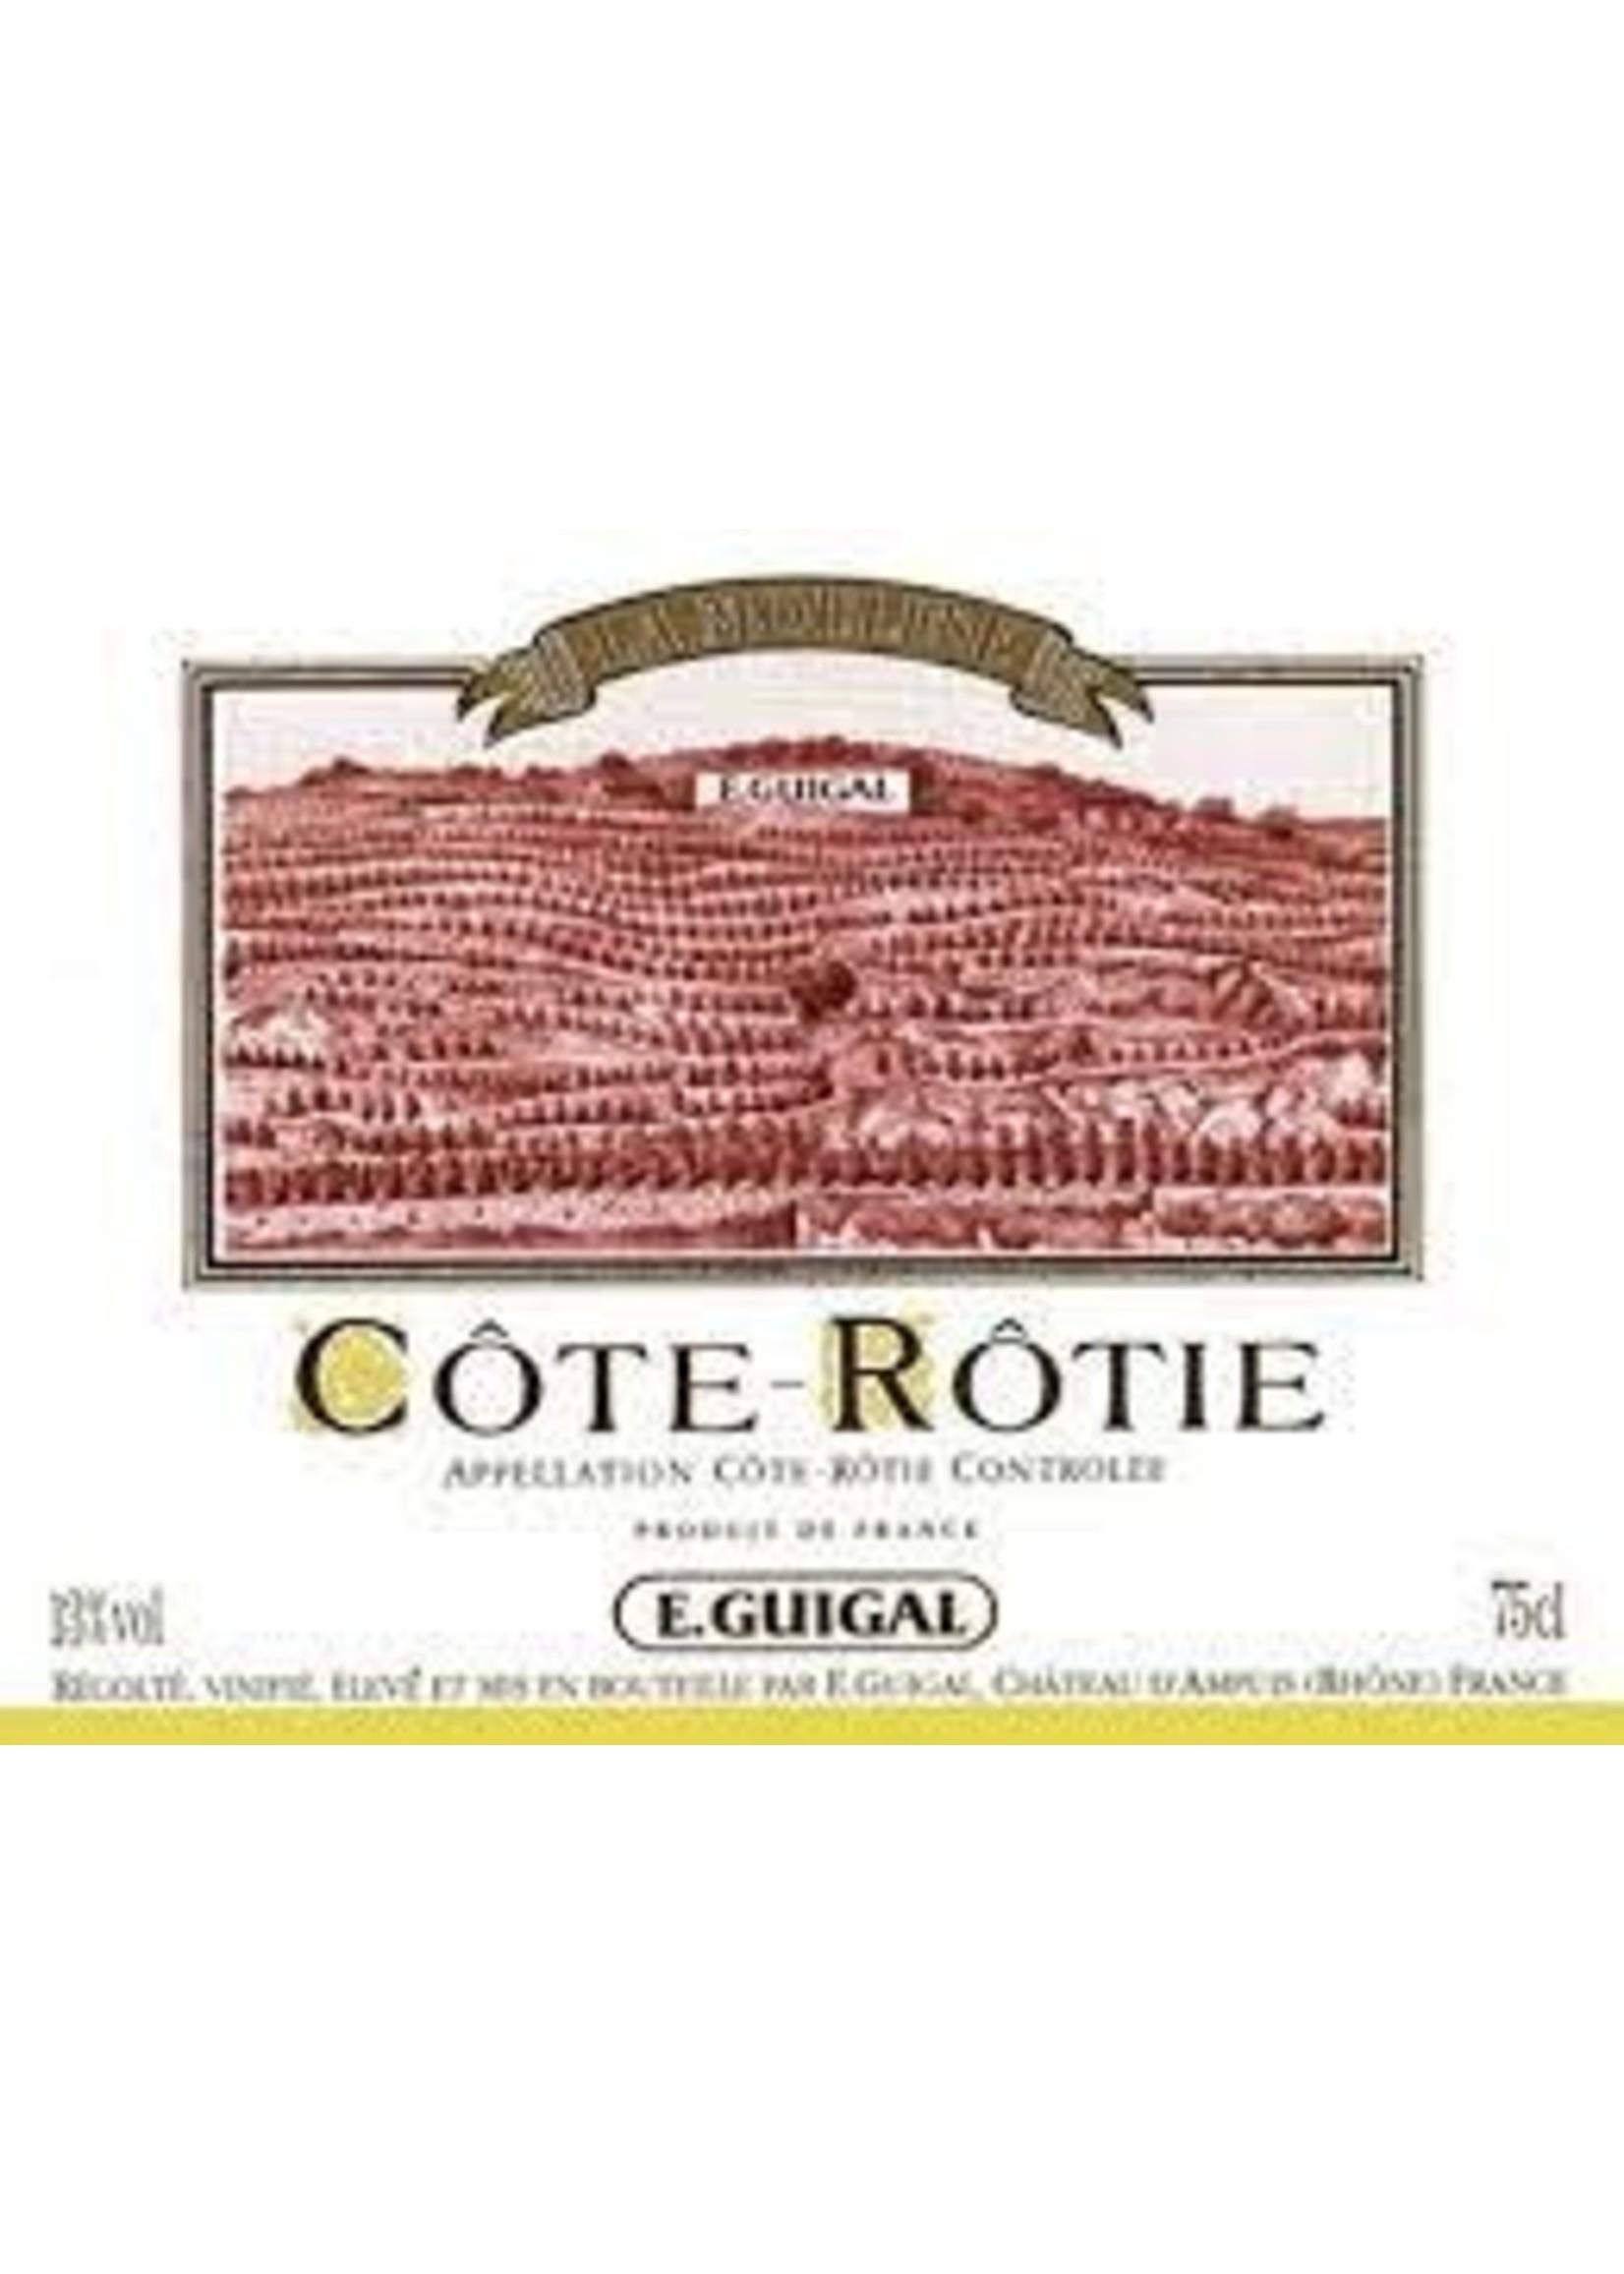 E. Guigal 2010 Cote Rotie La Mouline 750ml [PRE-ARRIVAL]